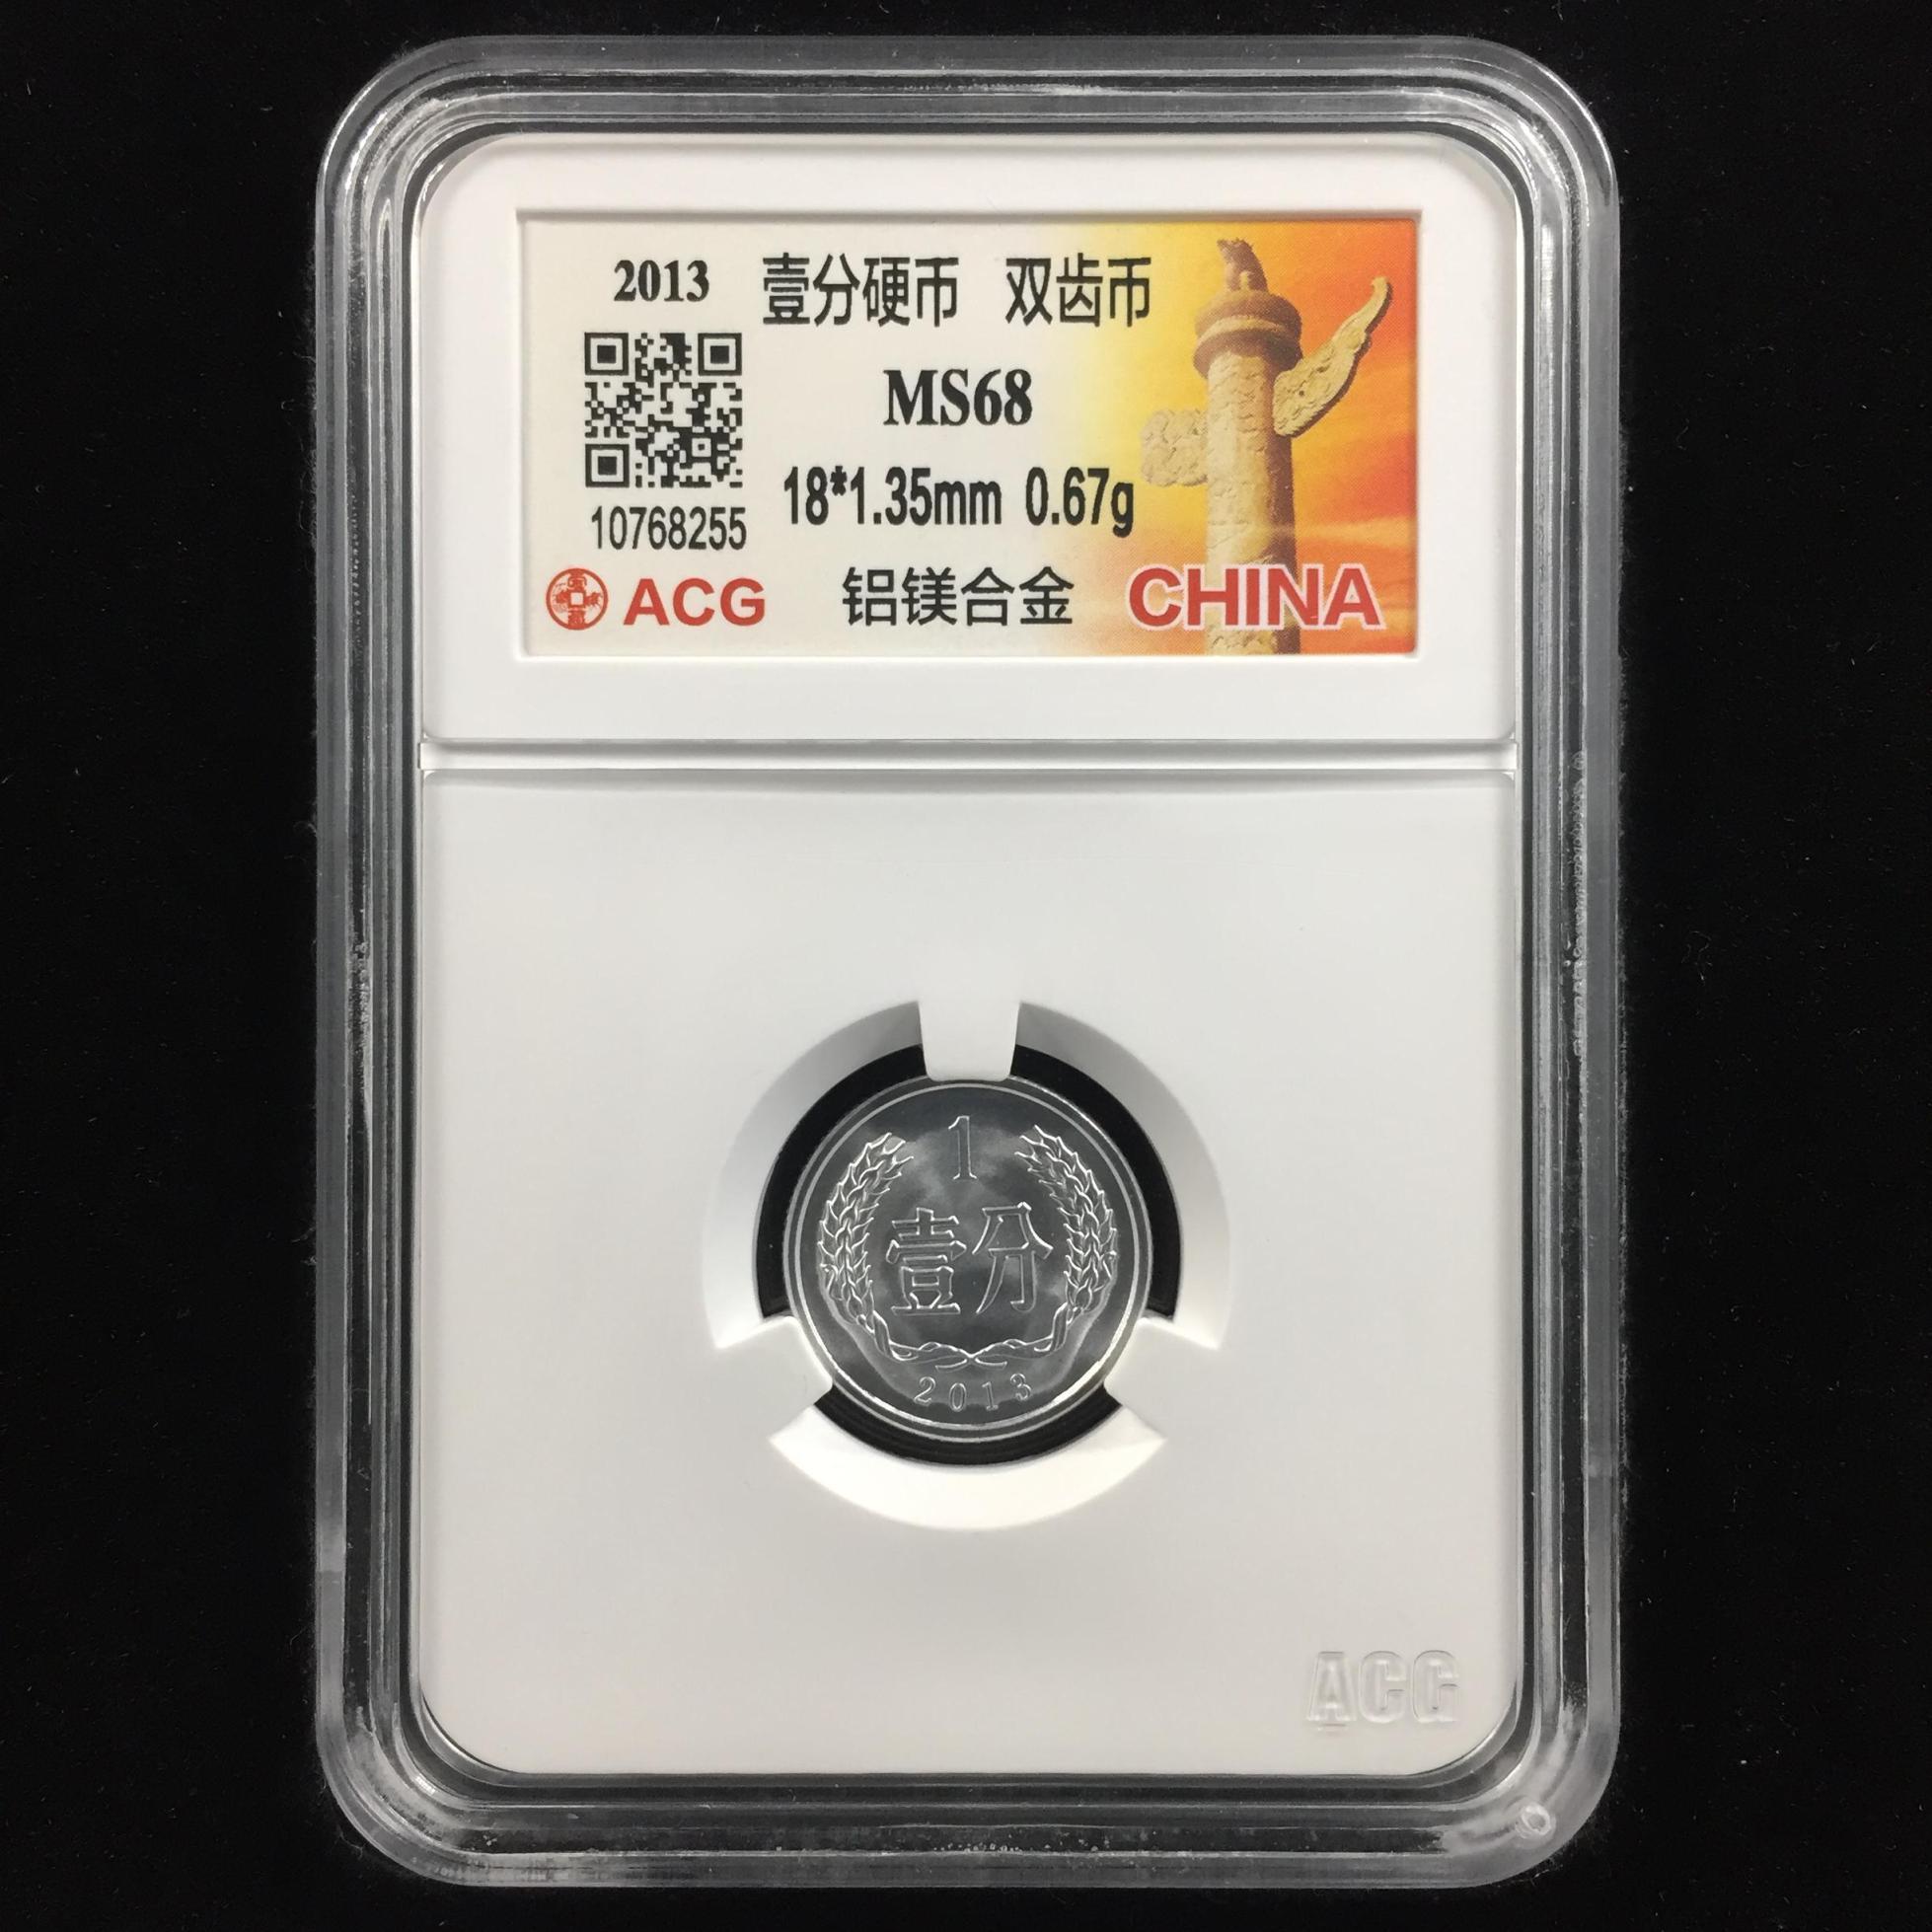 双齿币→2013年1分硬币→ACG鉴定证书-10768255